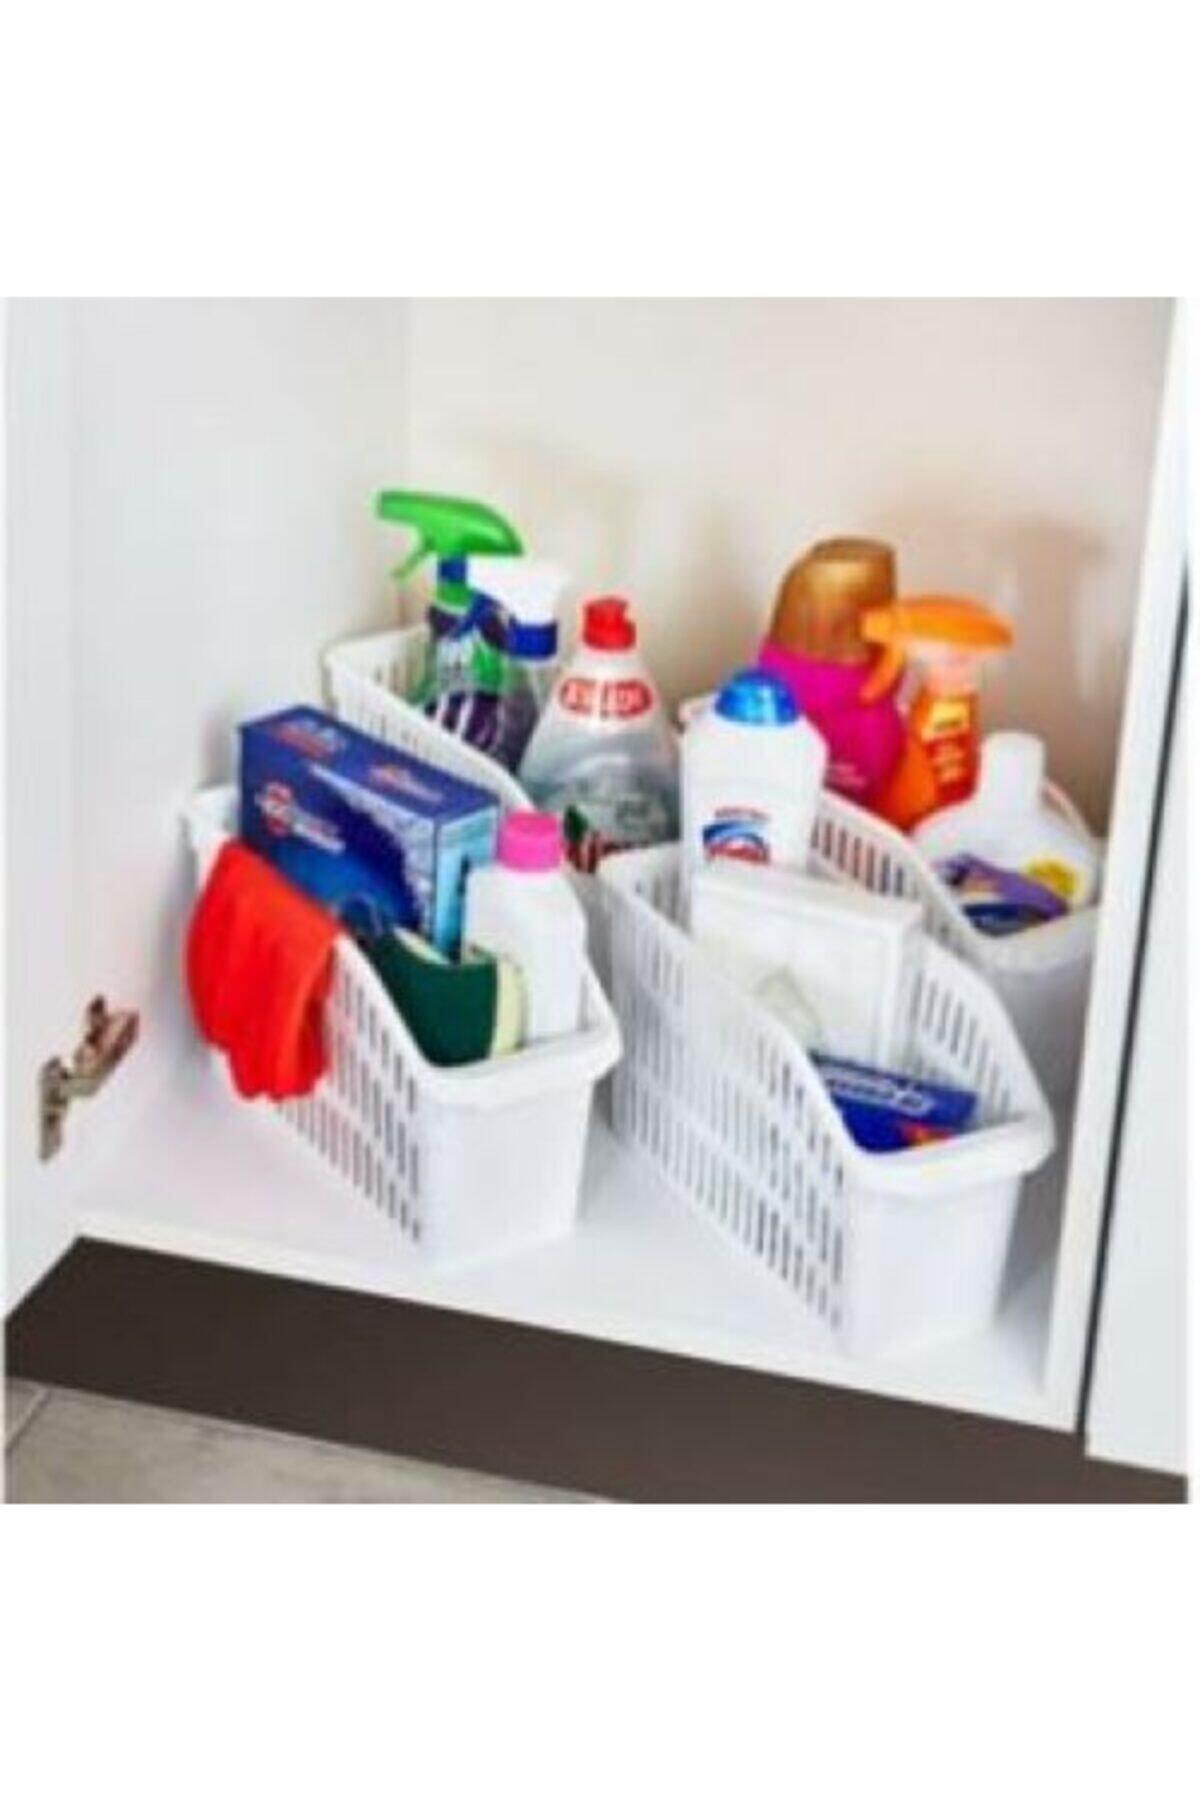 HOBBY LİFE Buzdolabi Içi Düzenleyici Dolap Içi Düzenleyici Organizer 4 Adet 2